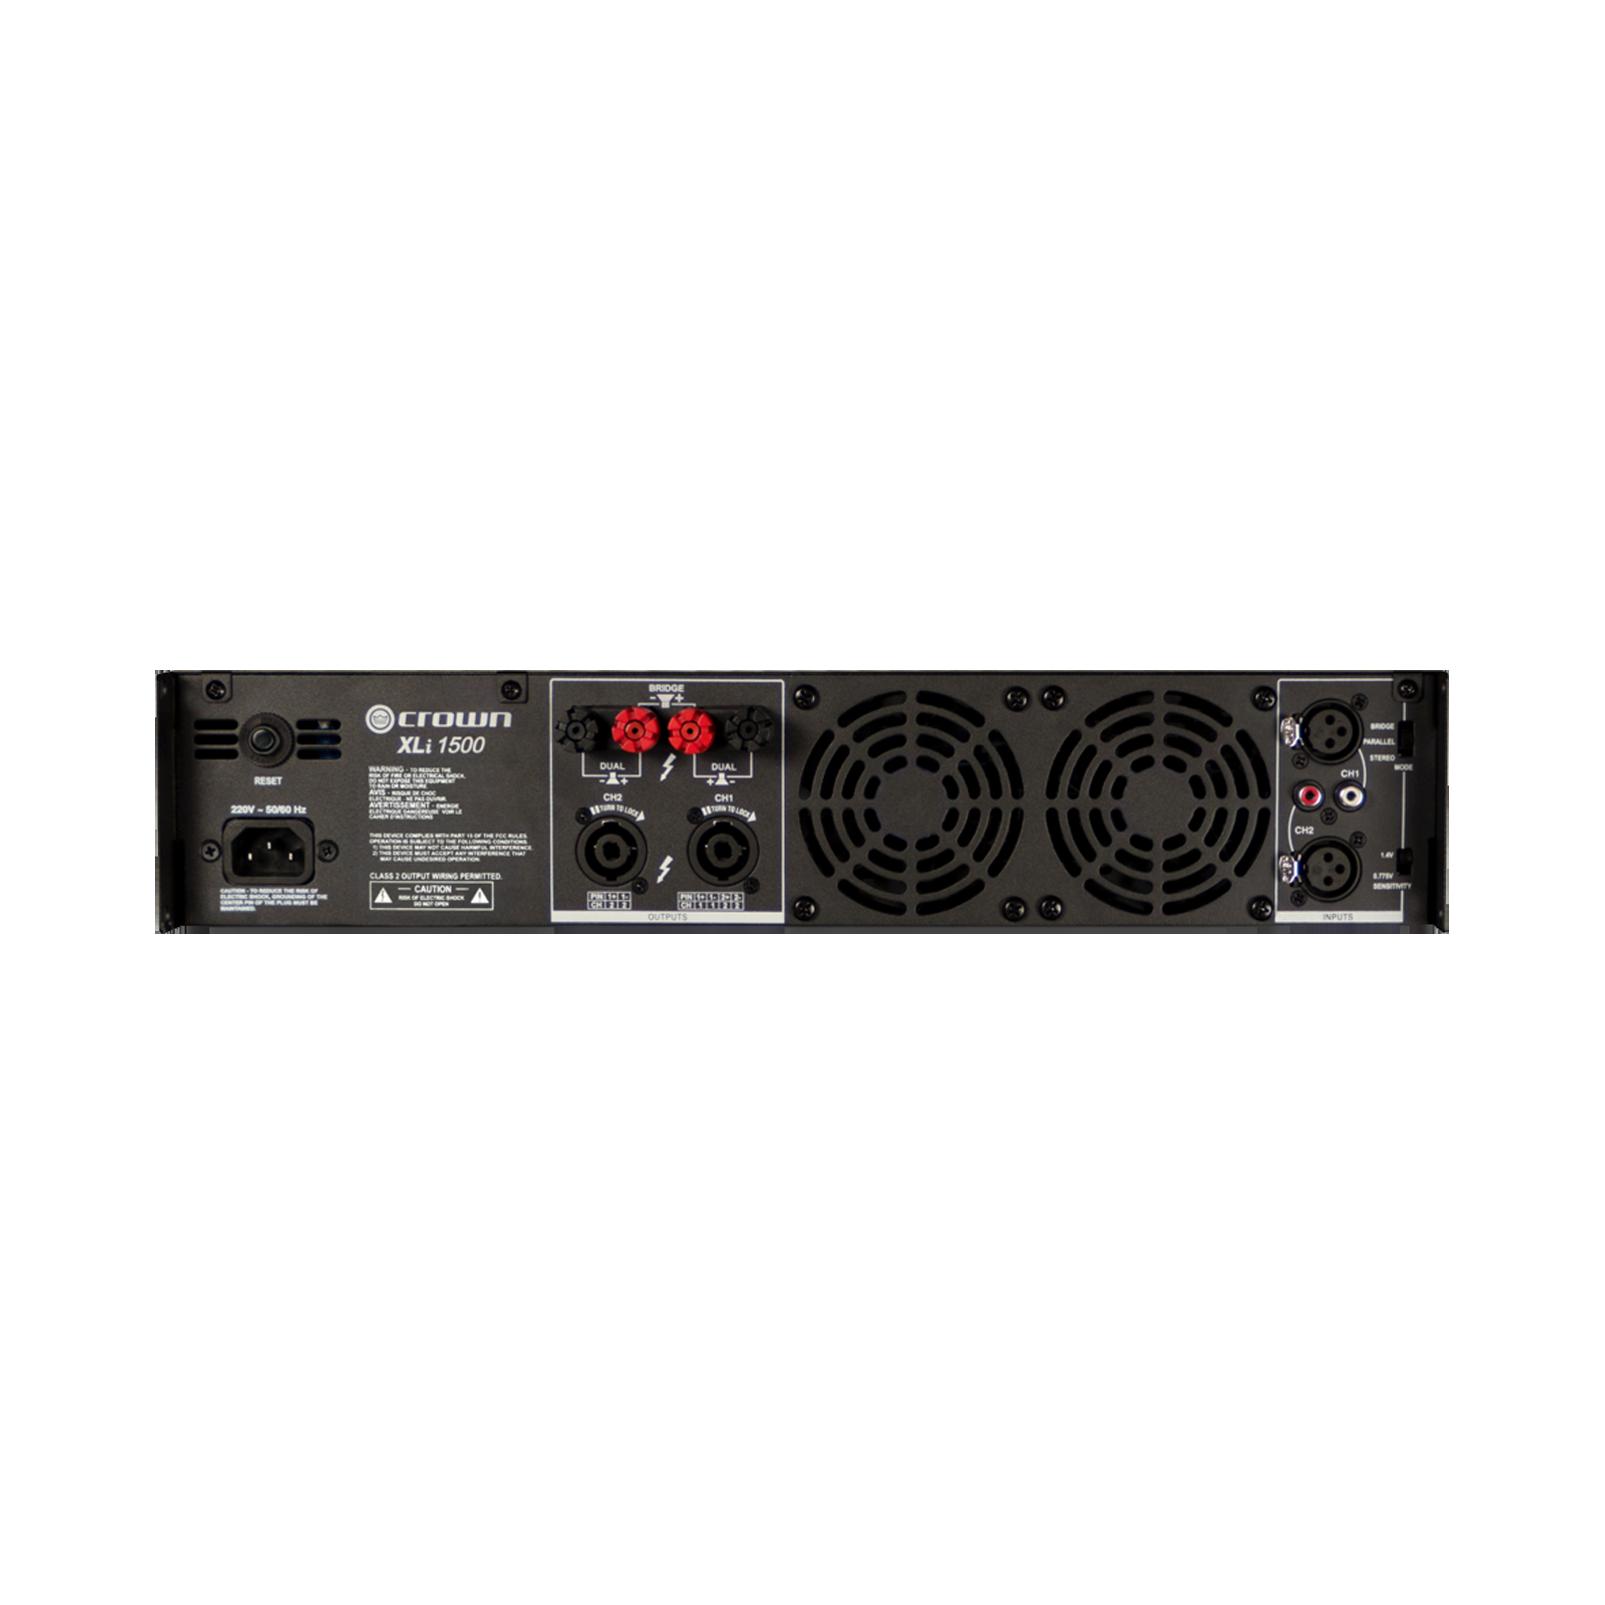 XLi 1500 - Grey - Two-channel, 450W @ 4Ω power amplifier - Back